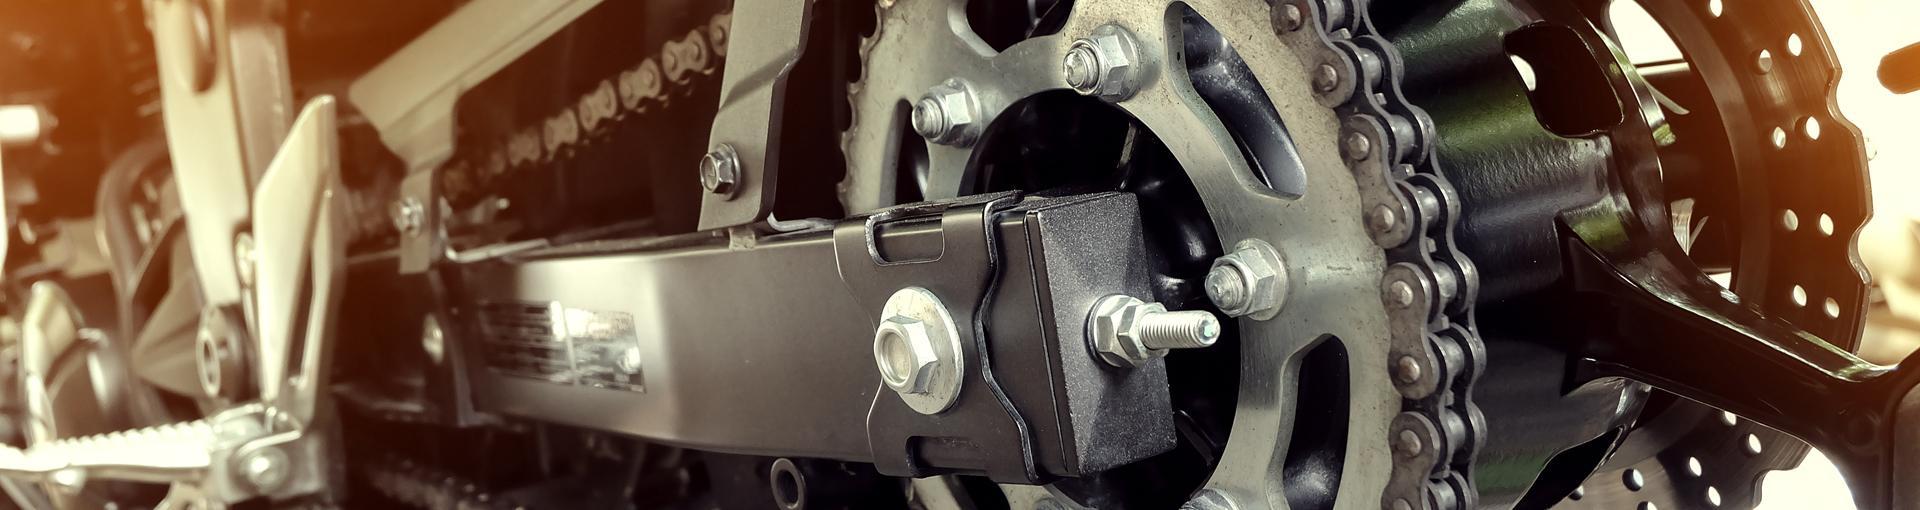 TotalEnergies onderhoud van motorfietsen